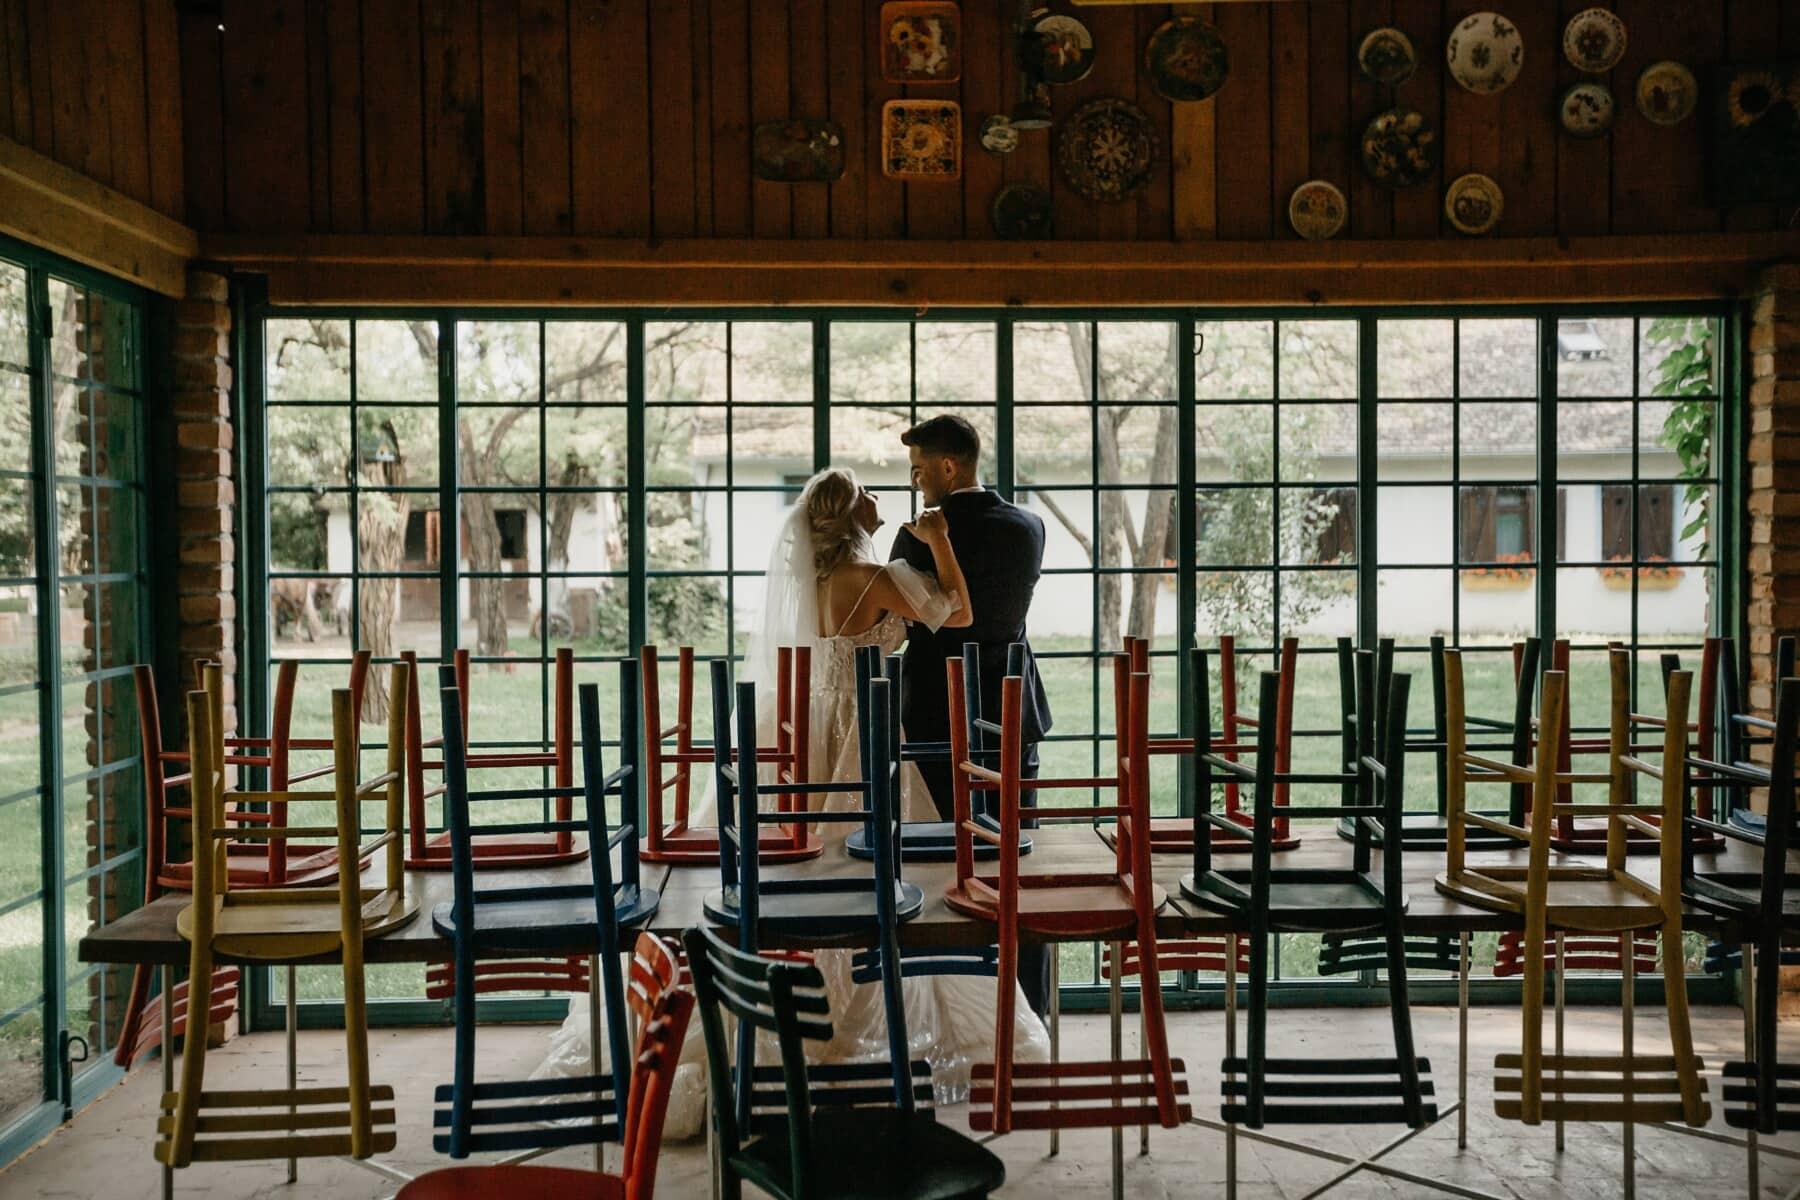 la mariée, jeune marié, cafétéria, vide, restaurant, tables, chaises, gens, chaise, meubles